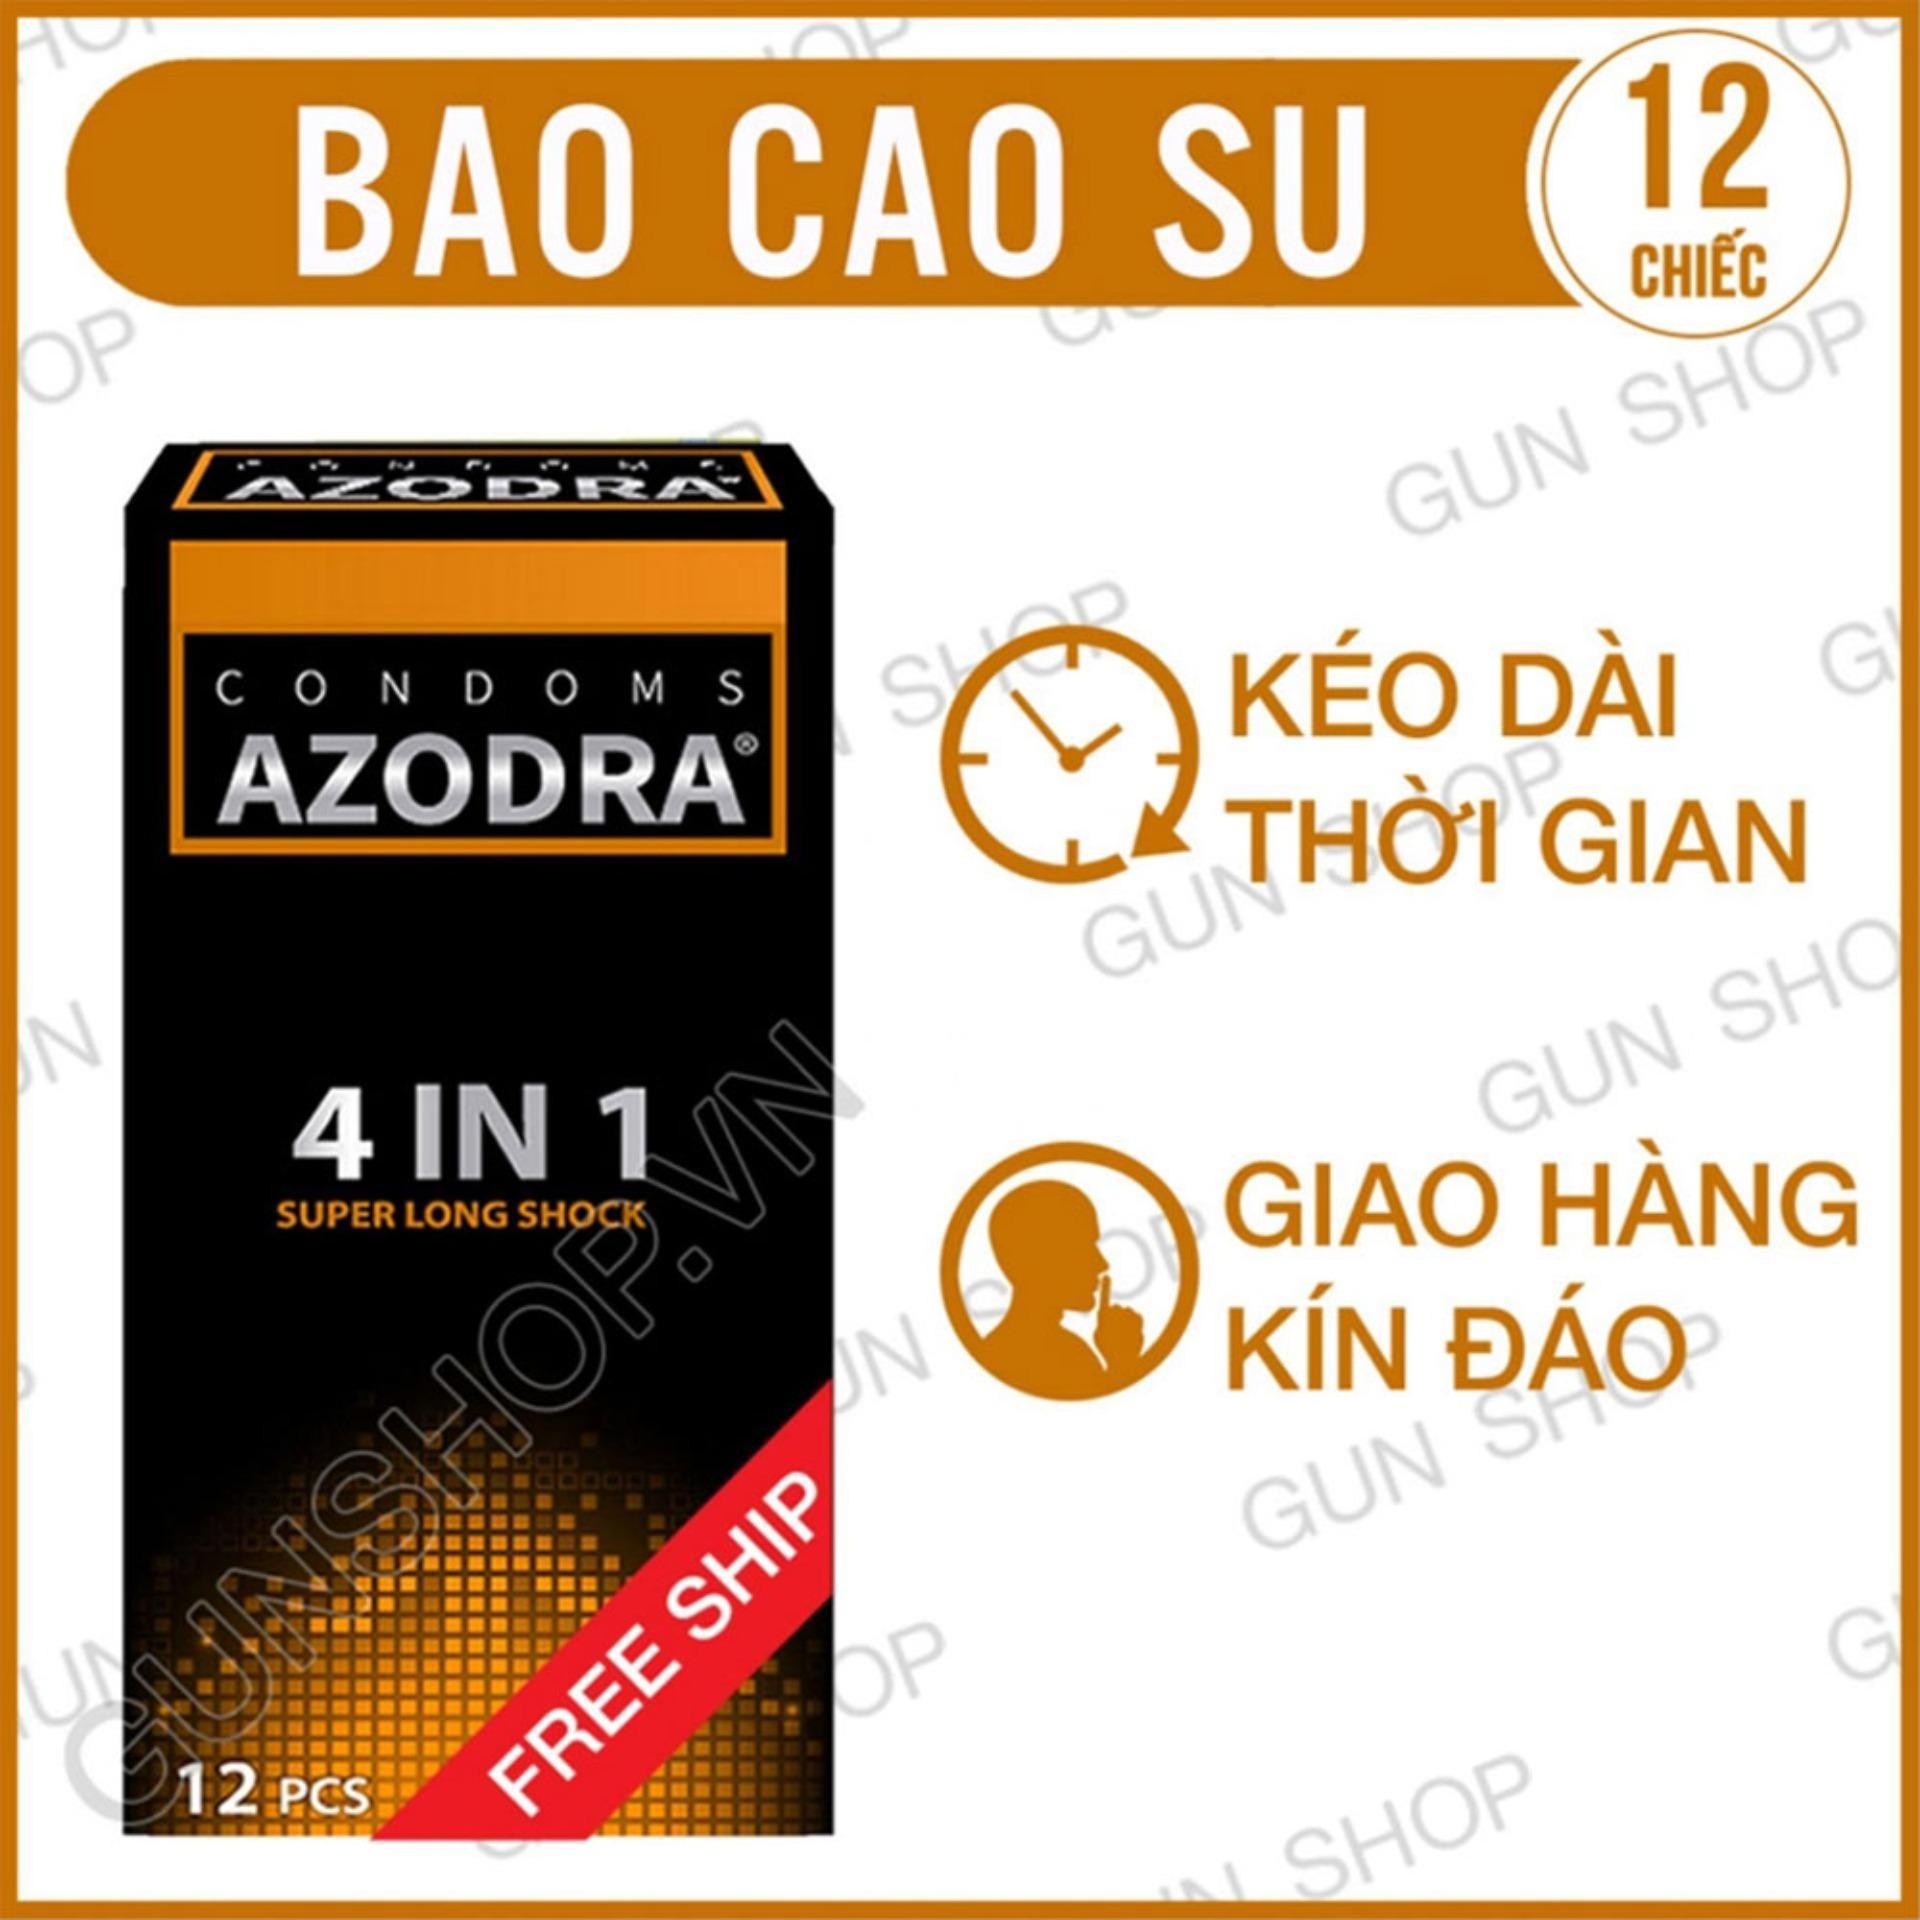 Bao Cao Su Azodra Tổng Hợp Gân, Gai, Mỏng, Kéo Dài Thời Gian Quan Hệ ( hộp 12 chiếc ) - [ Gunshop-BCS01 ]